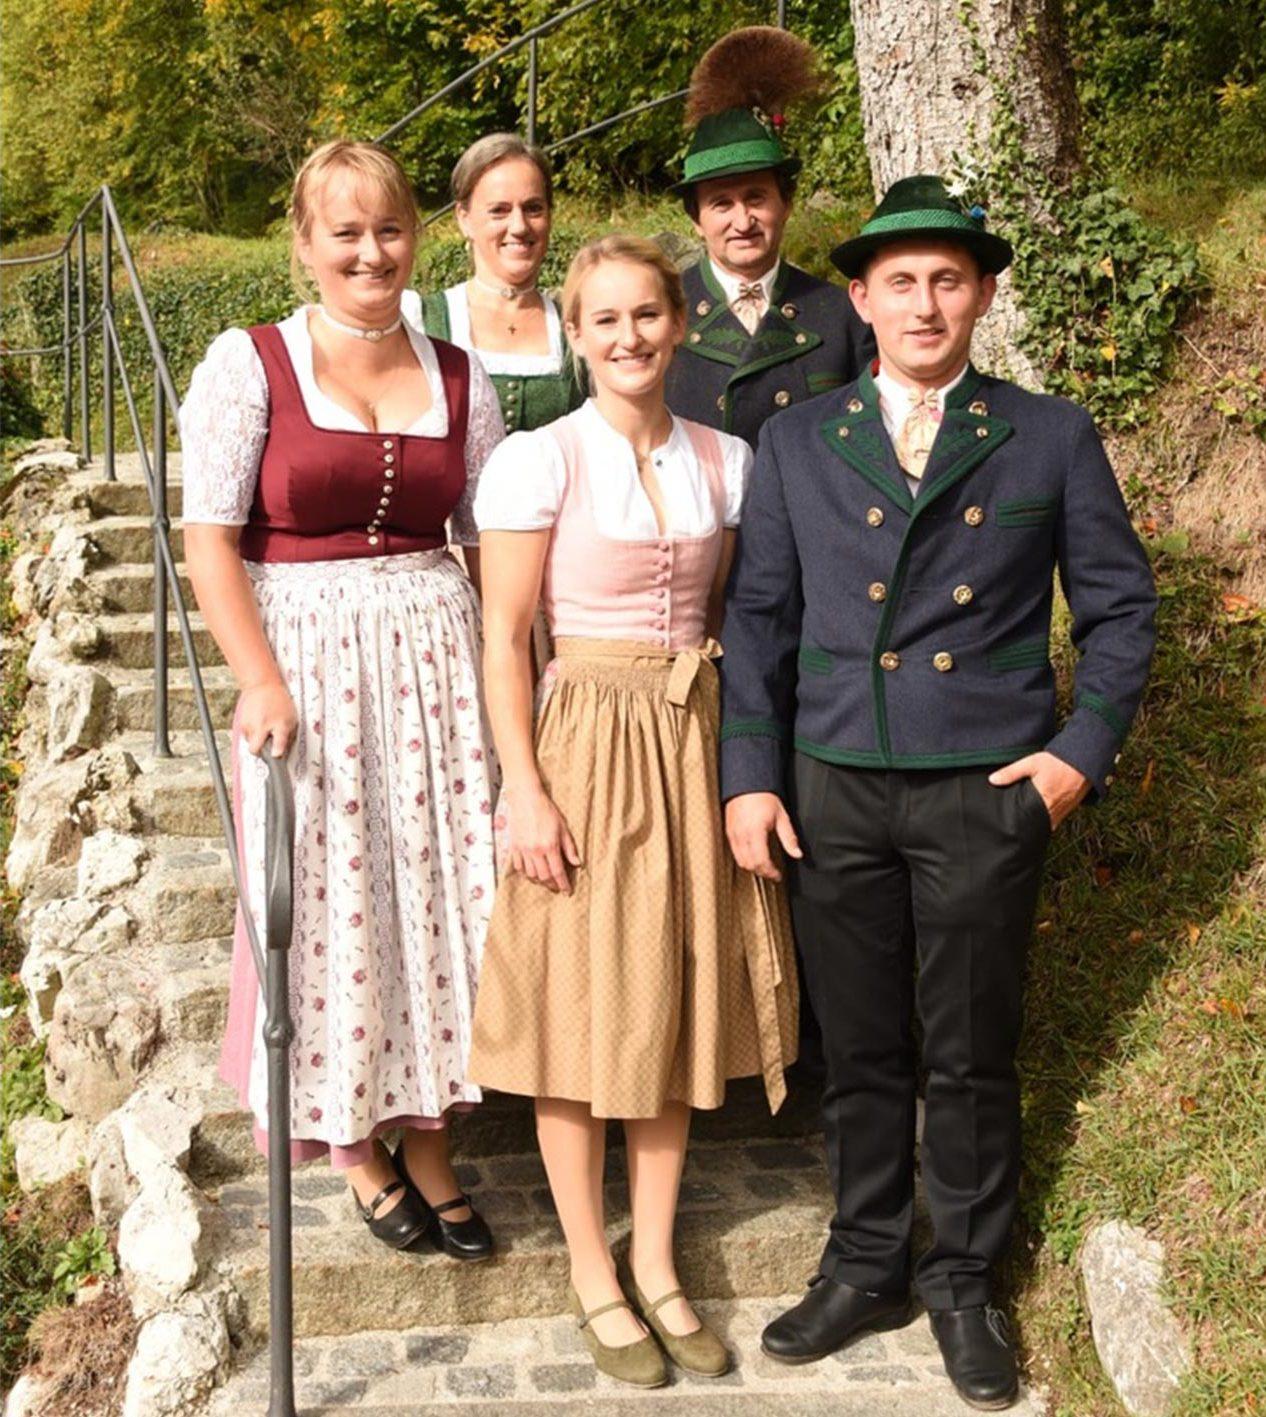 Bildmotiv: Familie Aschauer in Tracht